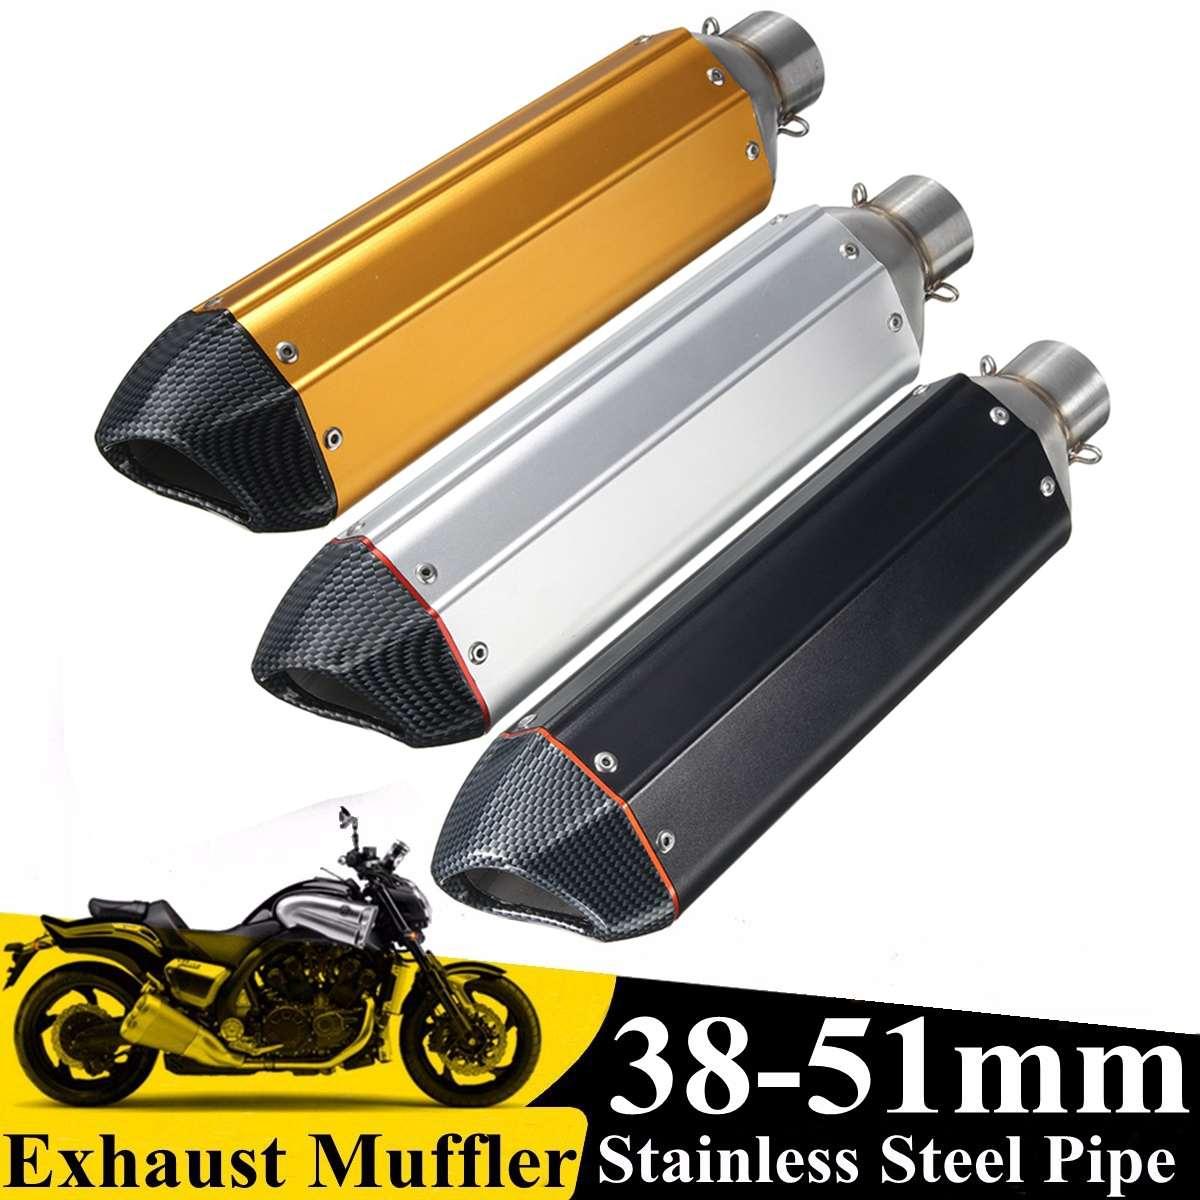 38-мм 51 мм желтый/серебристый/черный шестиугольный Мотоцикл Скутер уличный велосипед углеродное волокно выхлопная труба с глушителем Униве...